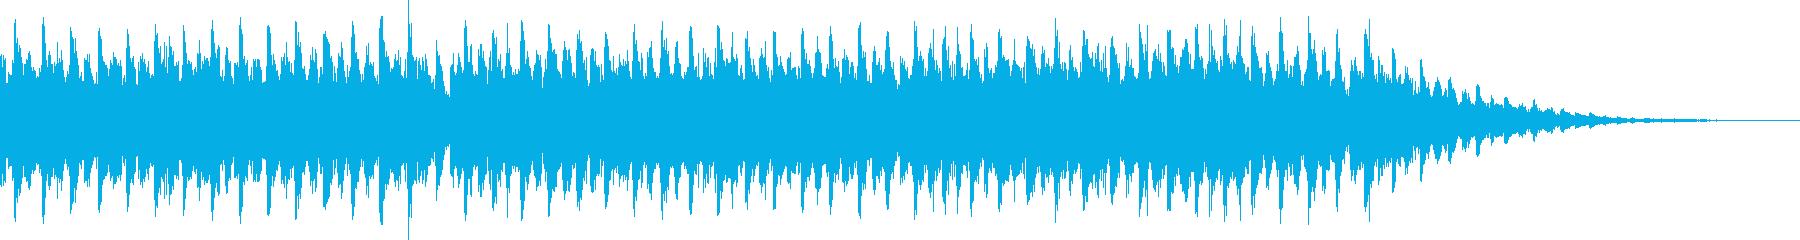 サイエンス 科学 実験 化学 教育理科 の再生済みの波形